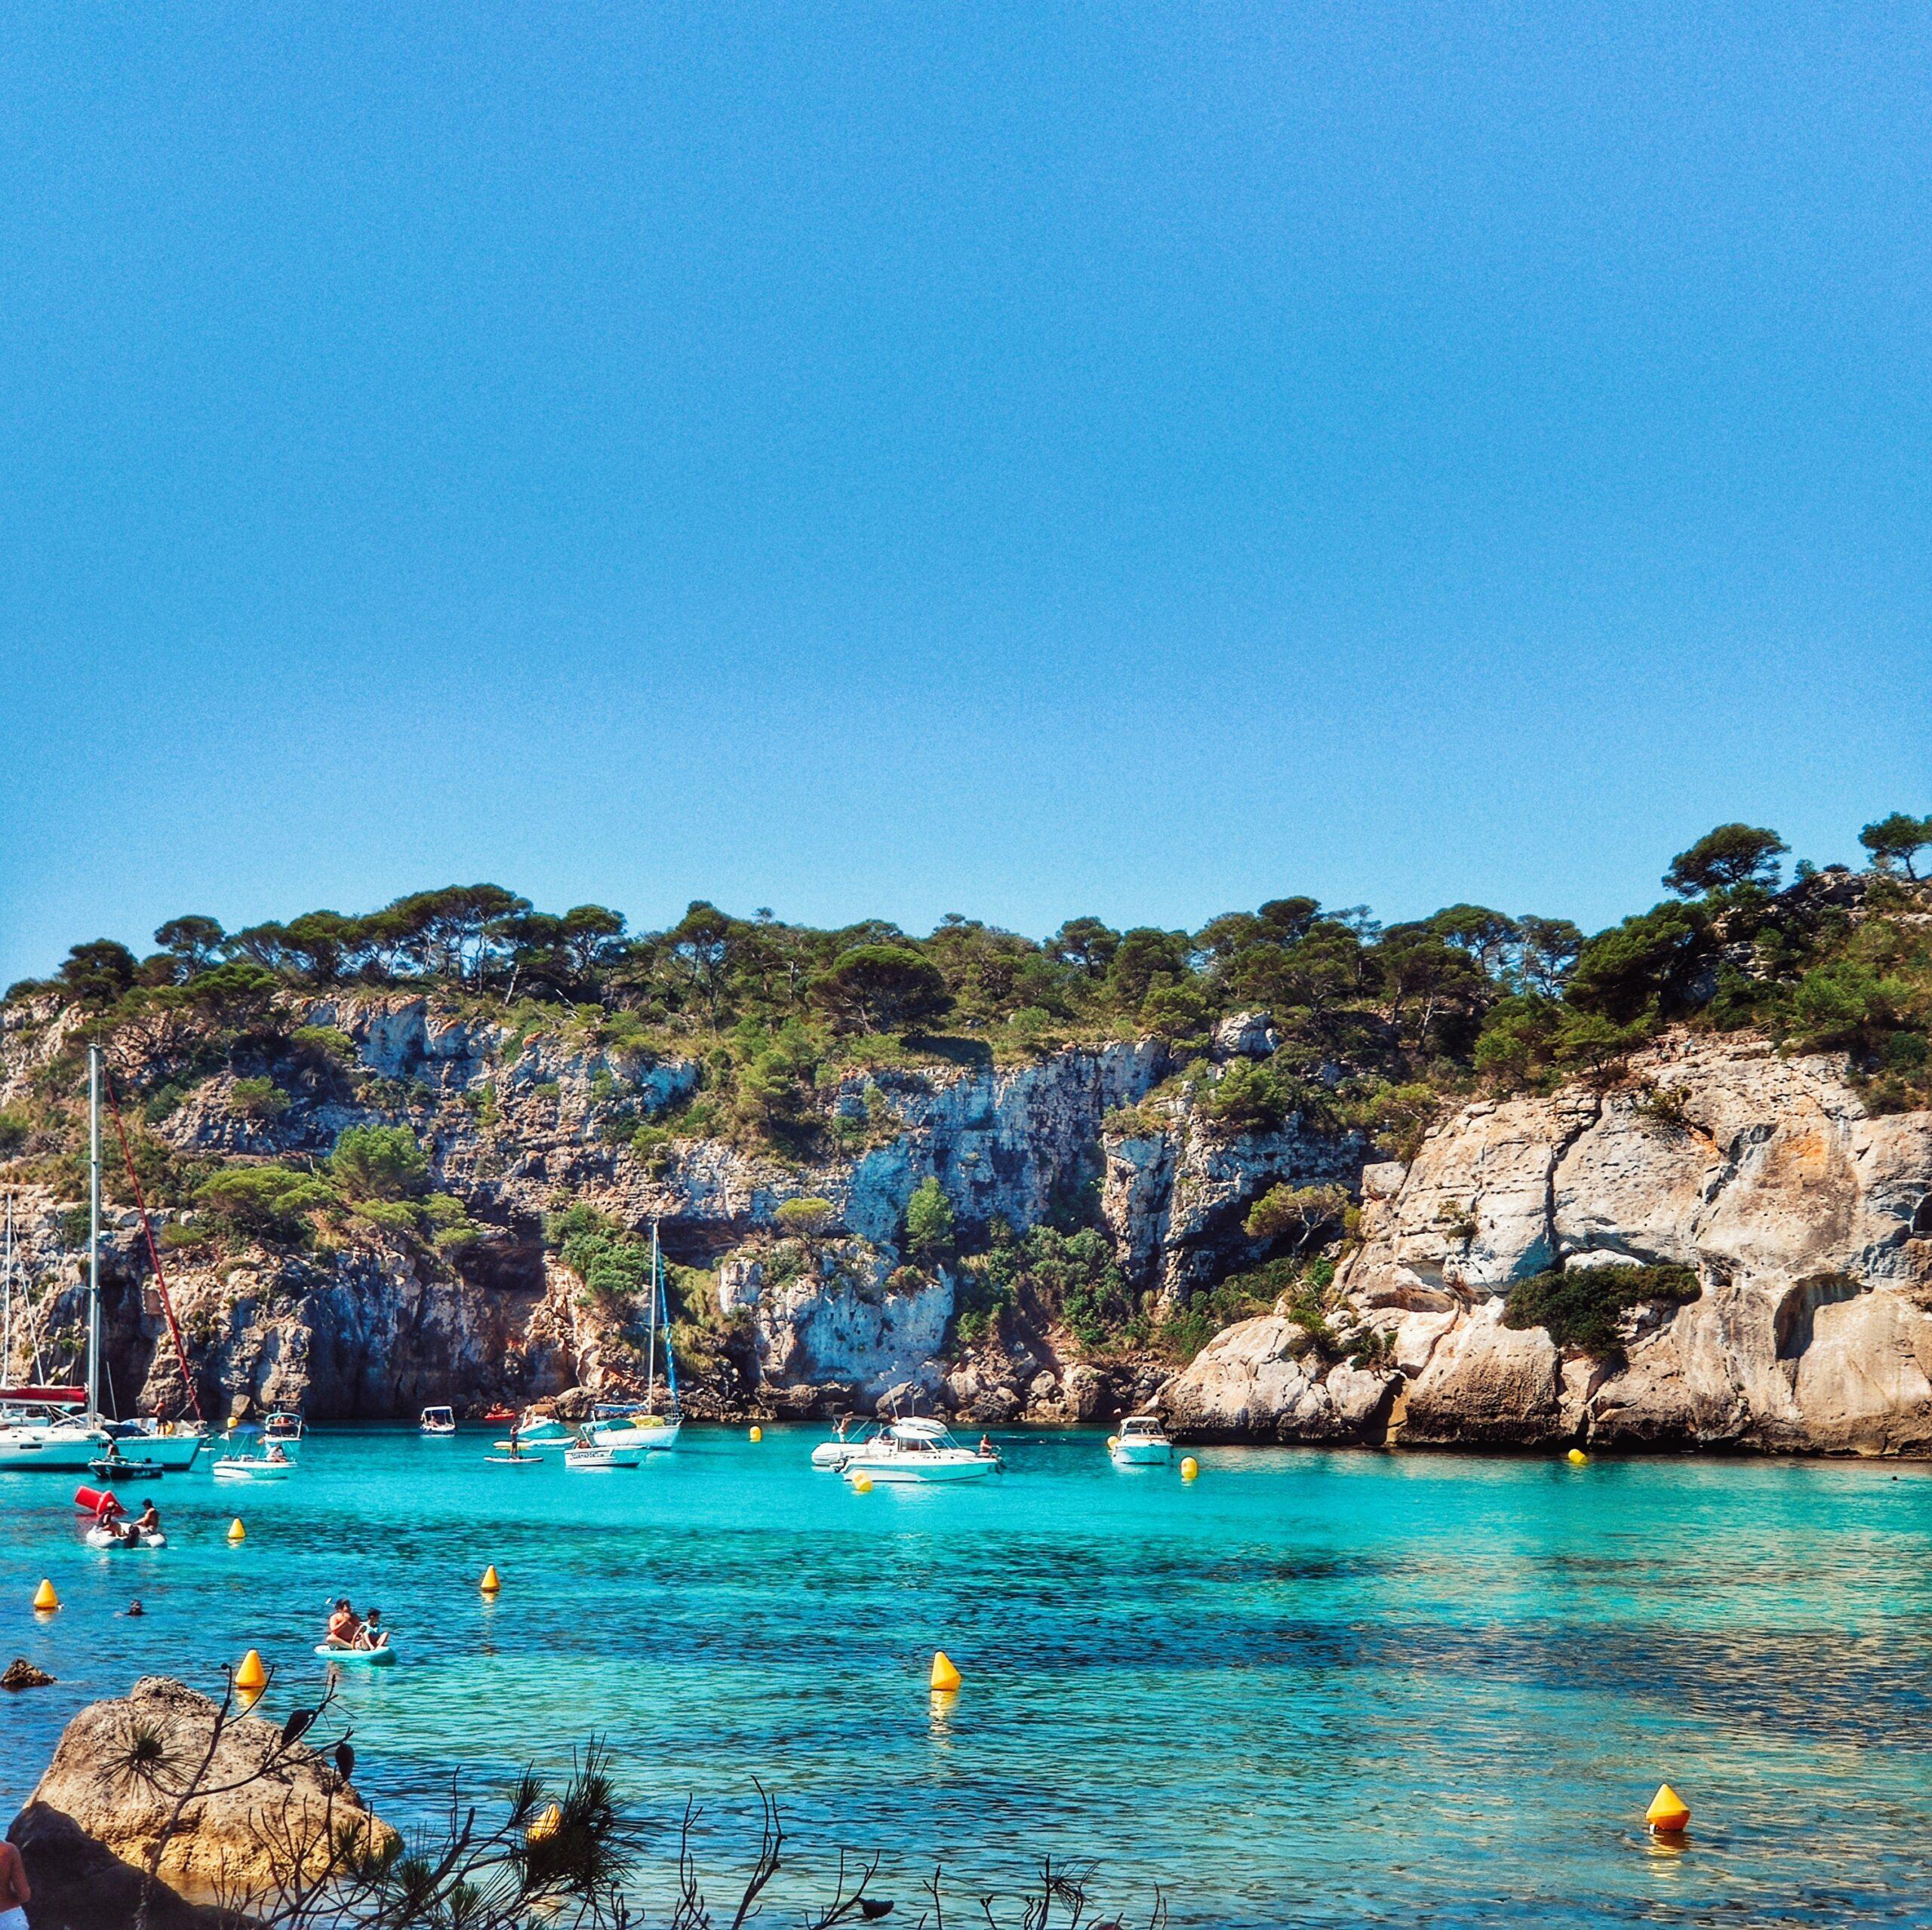 Lee más sobre el artículo Cala Turqueta, Macarelleta y Macarella en autocaravana, las que dicen son las mejores calas de Menorca ¡pero también las más masificadas!